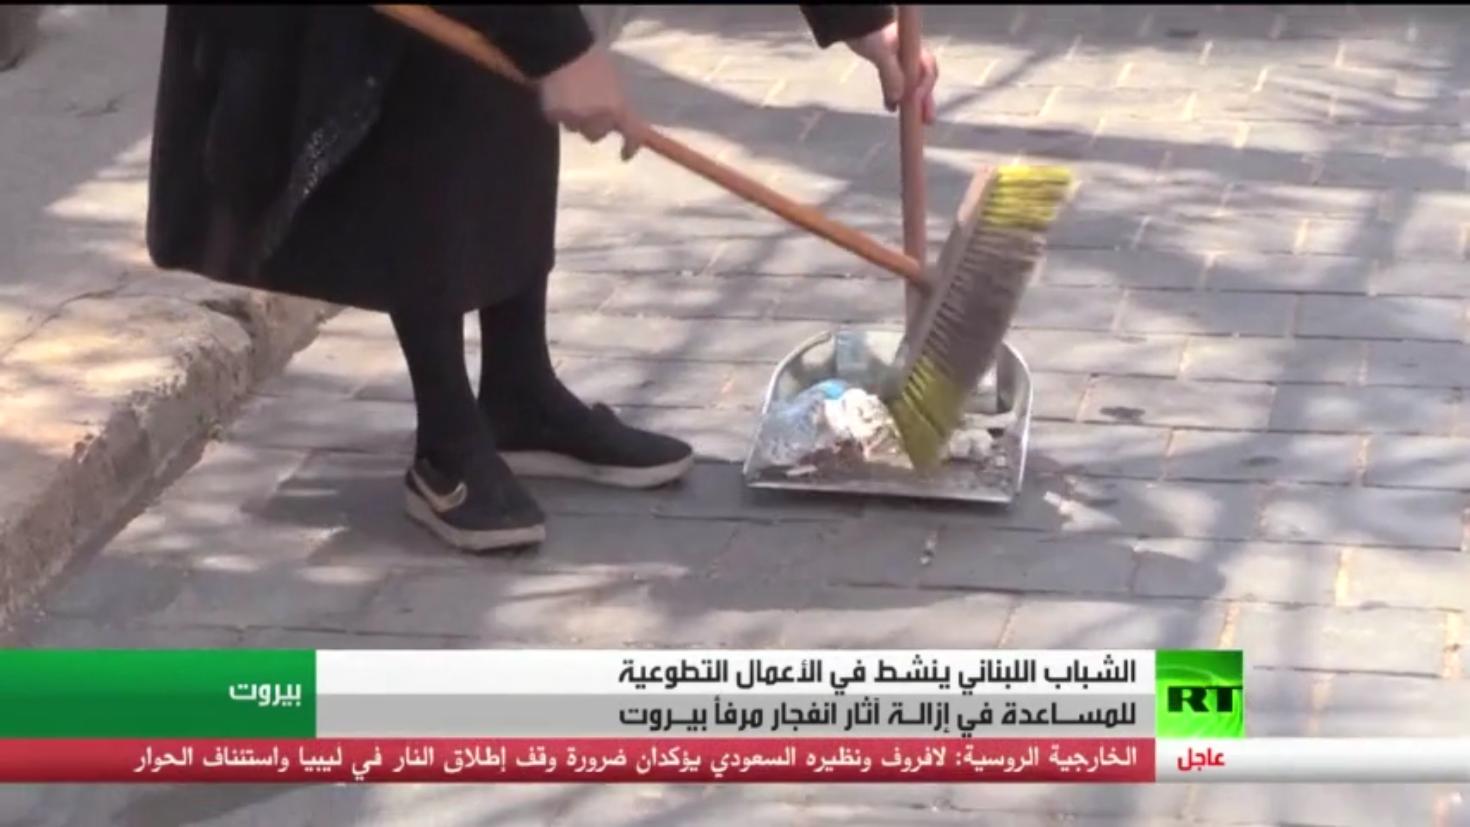 نشاط لافت للعمل التطوعي في بيروت